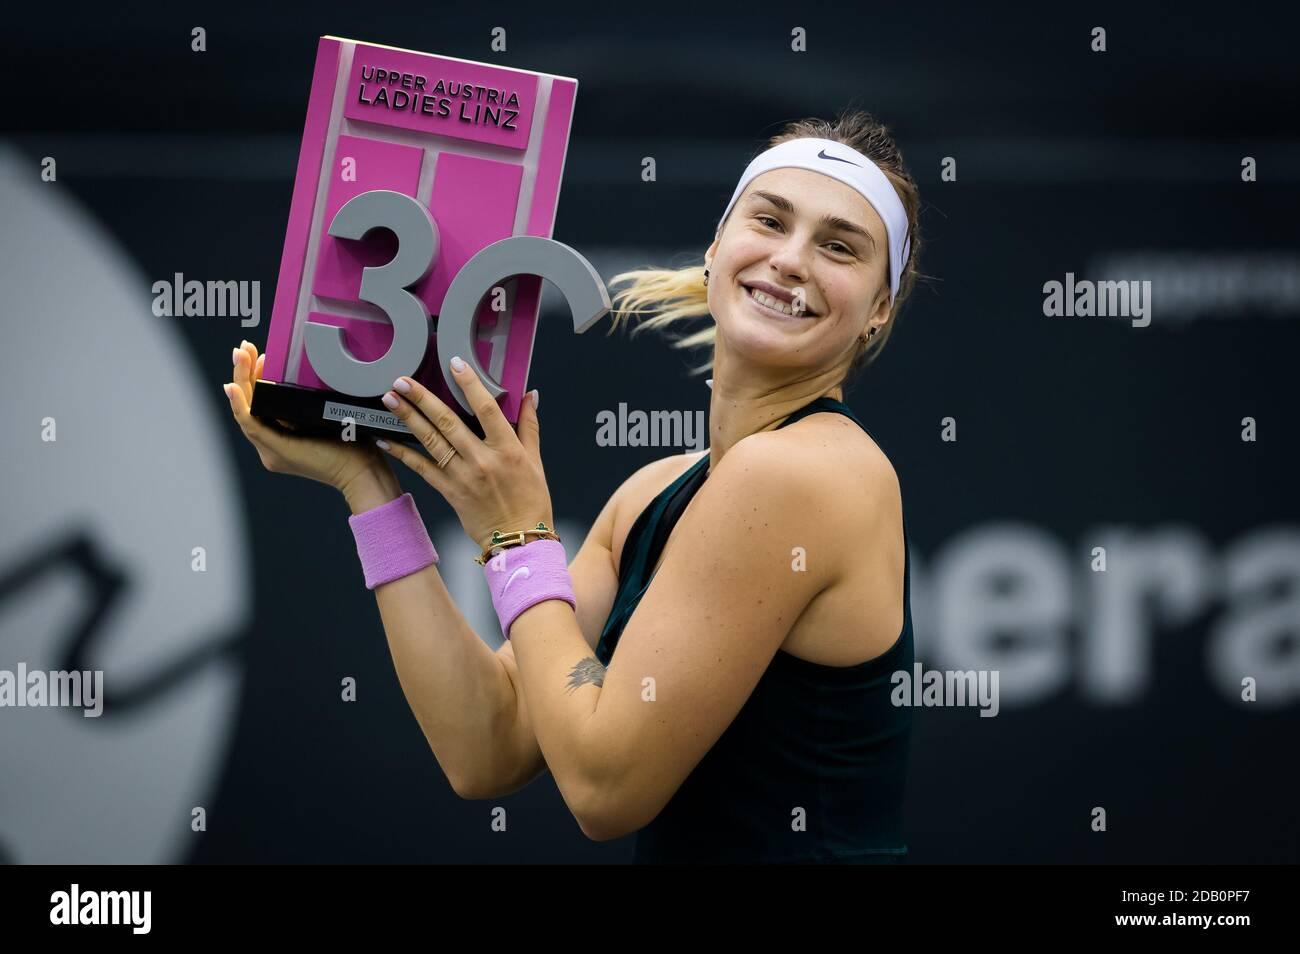 Aryna Sabalenka de Bielorrusia posa con el trofeo de campeones de Las 2020 Alta Austria Ladies Linz WTA Internacional de tenis nombre turístico / LM Foto de stock